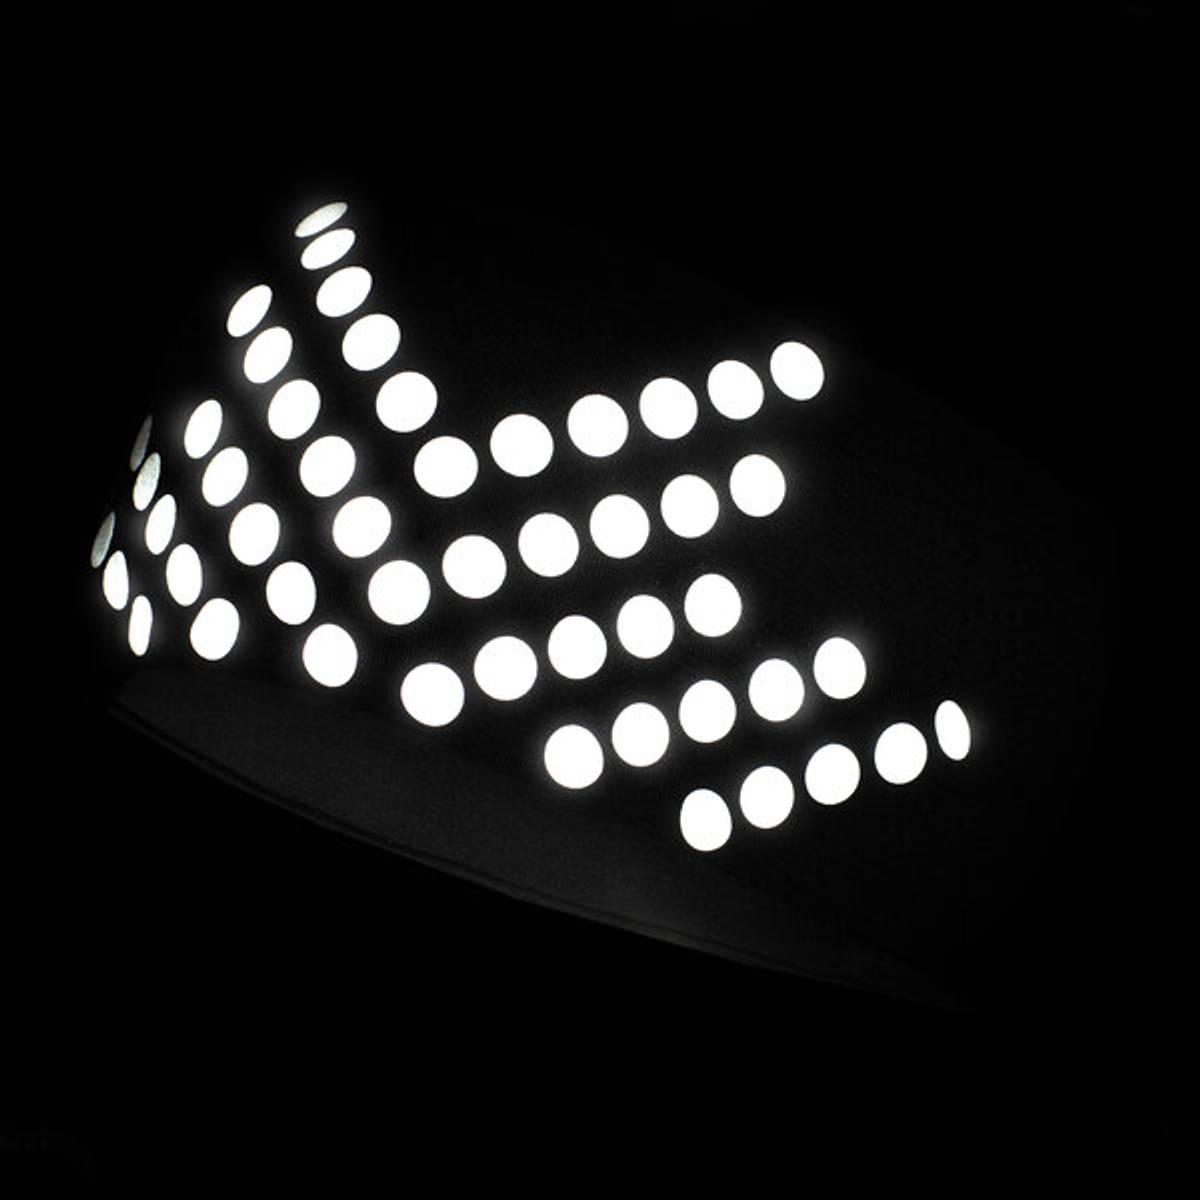 Morild Sølvfaks pannebånd med refleks, sort